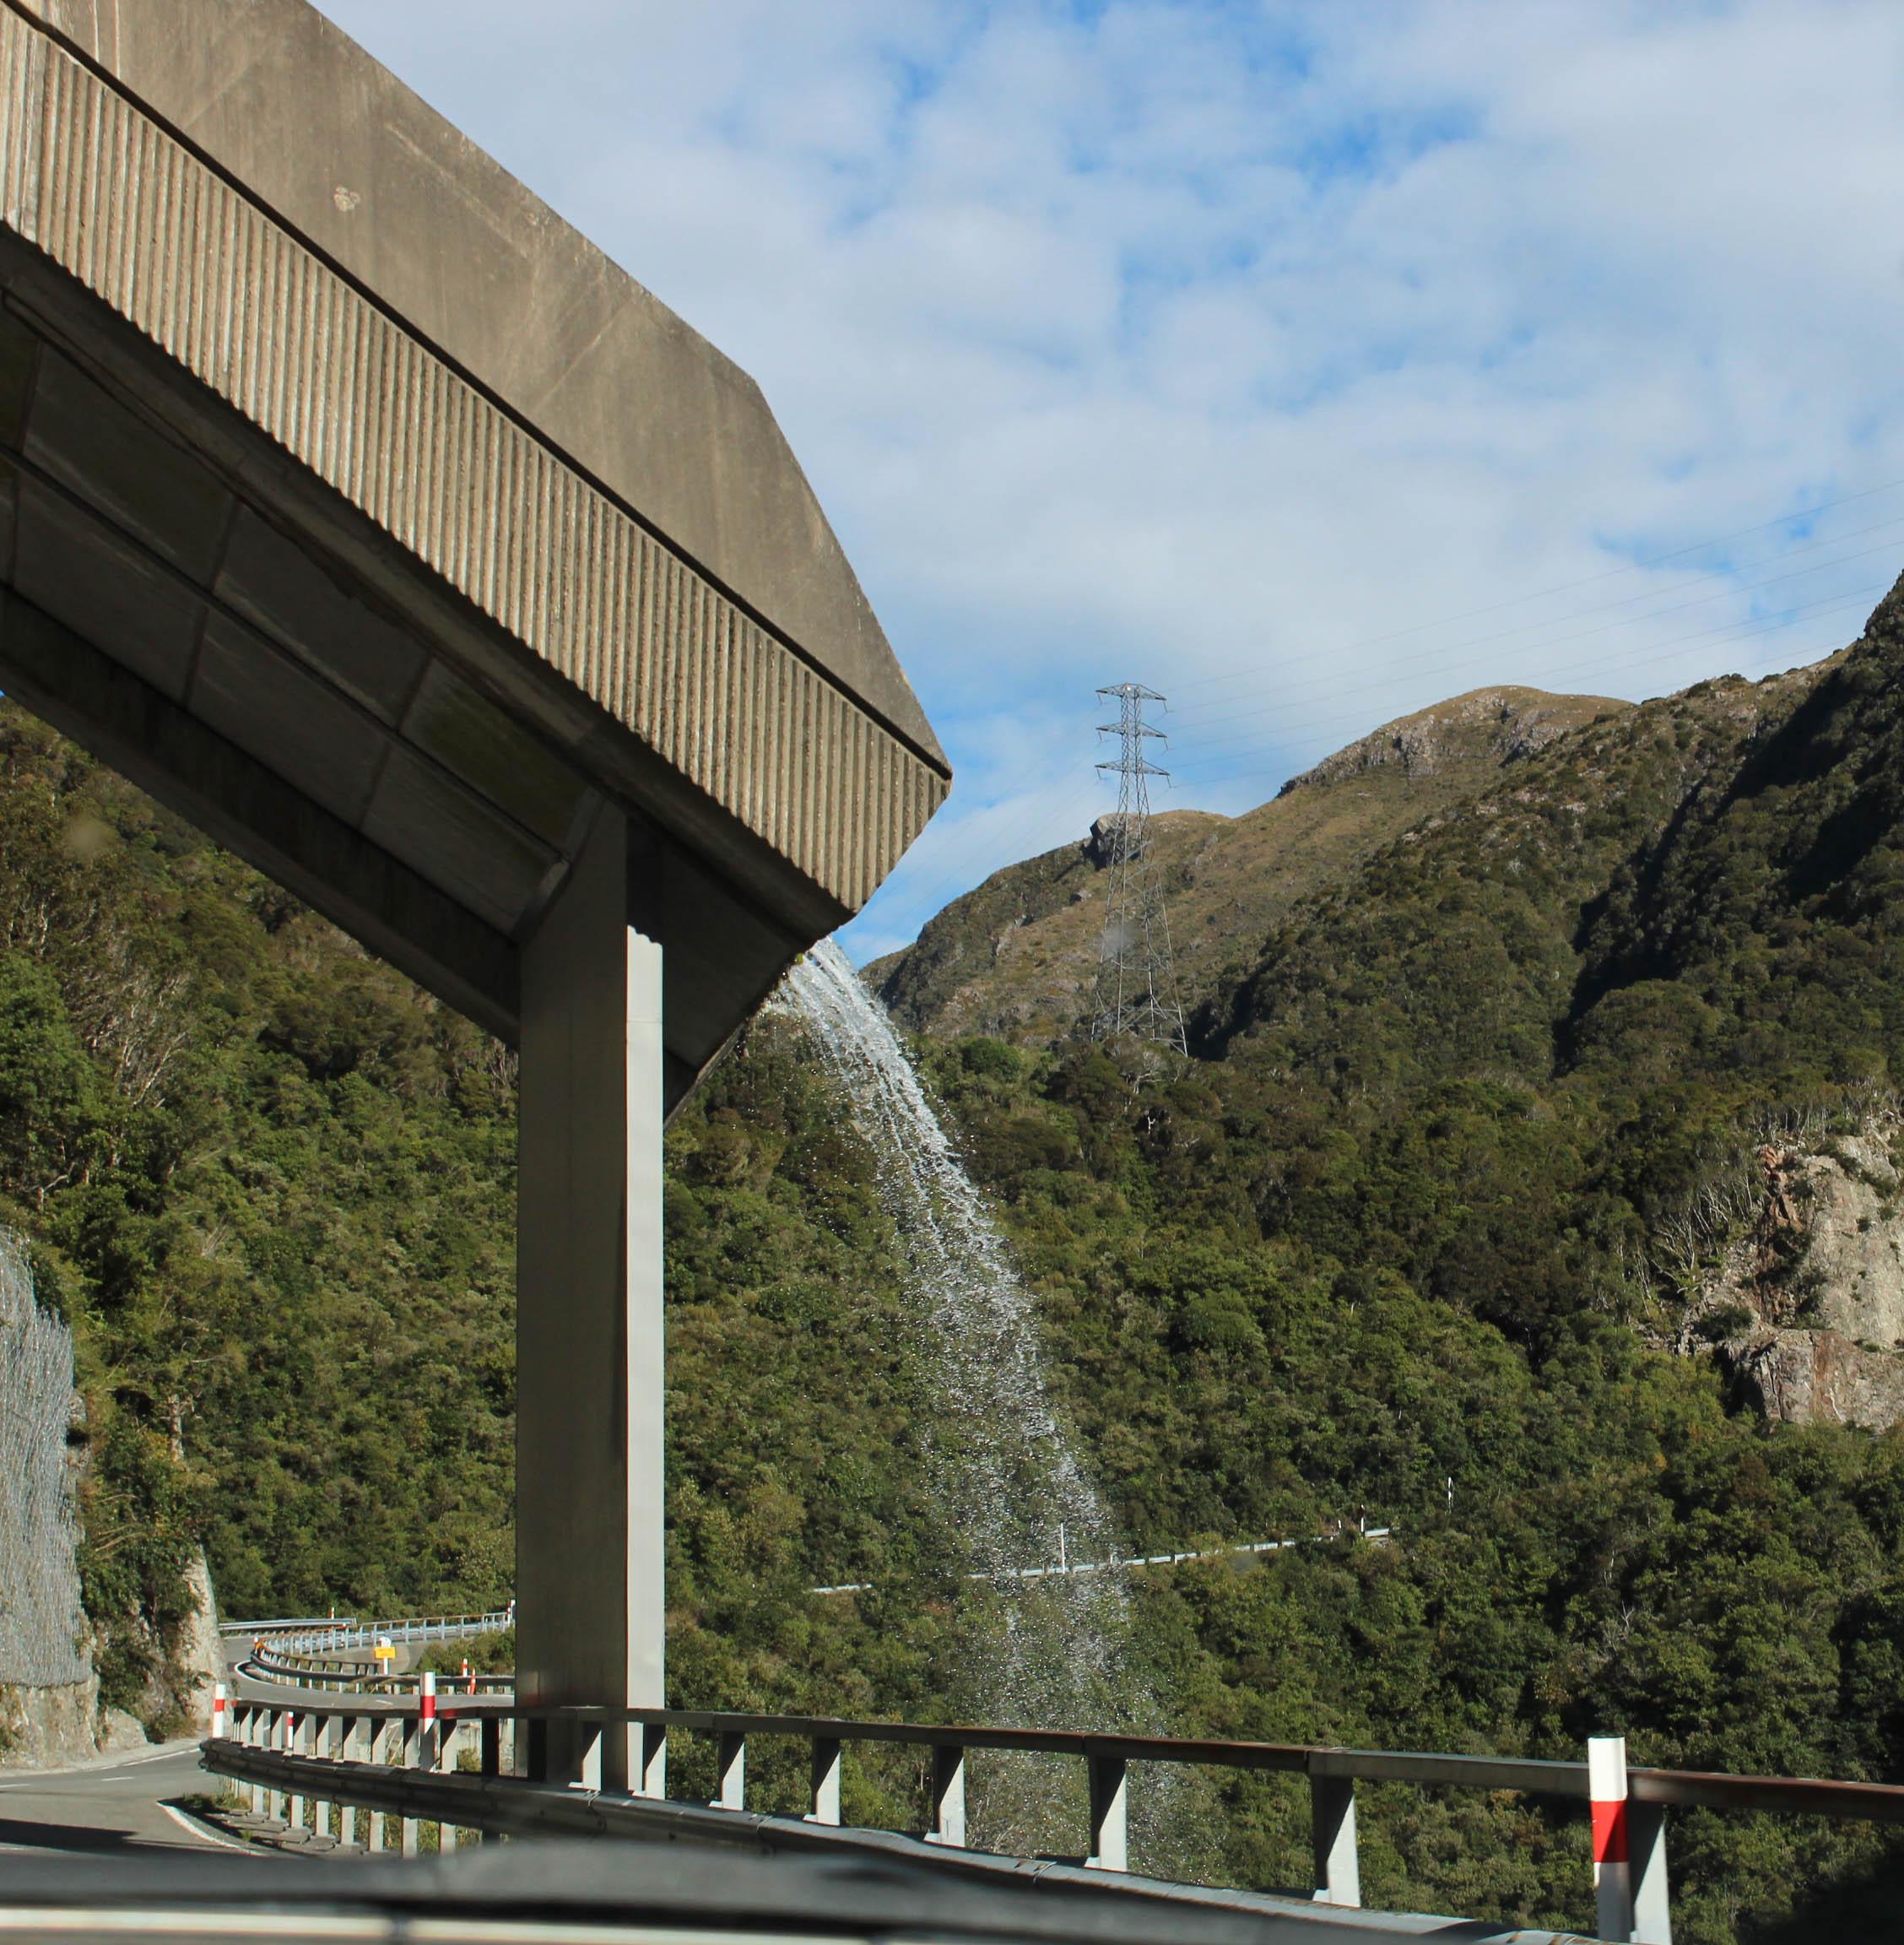 Nouvelle Zélande - Greymouth et Arthur's pass - les lubies de louise (9 sur 21)